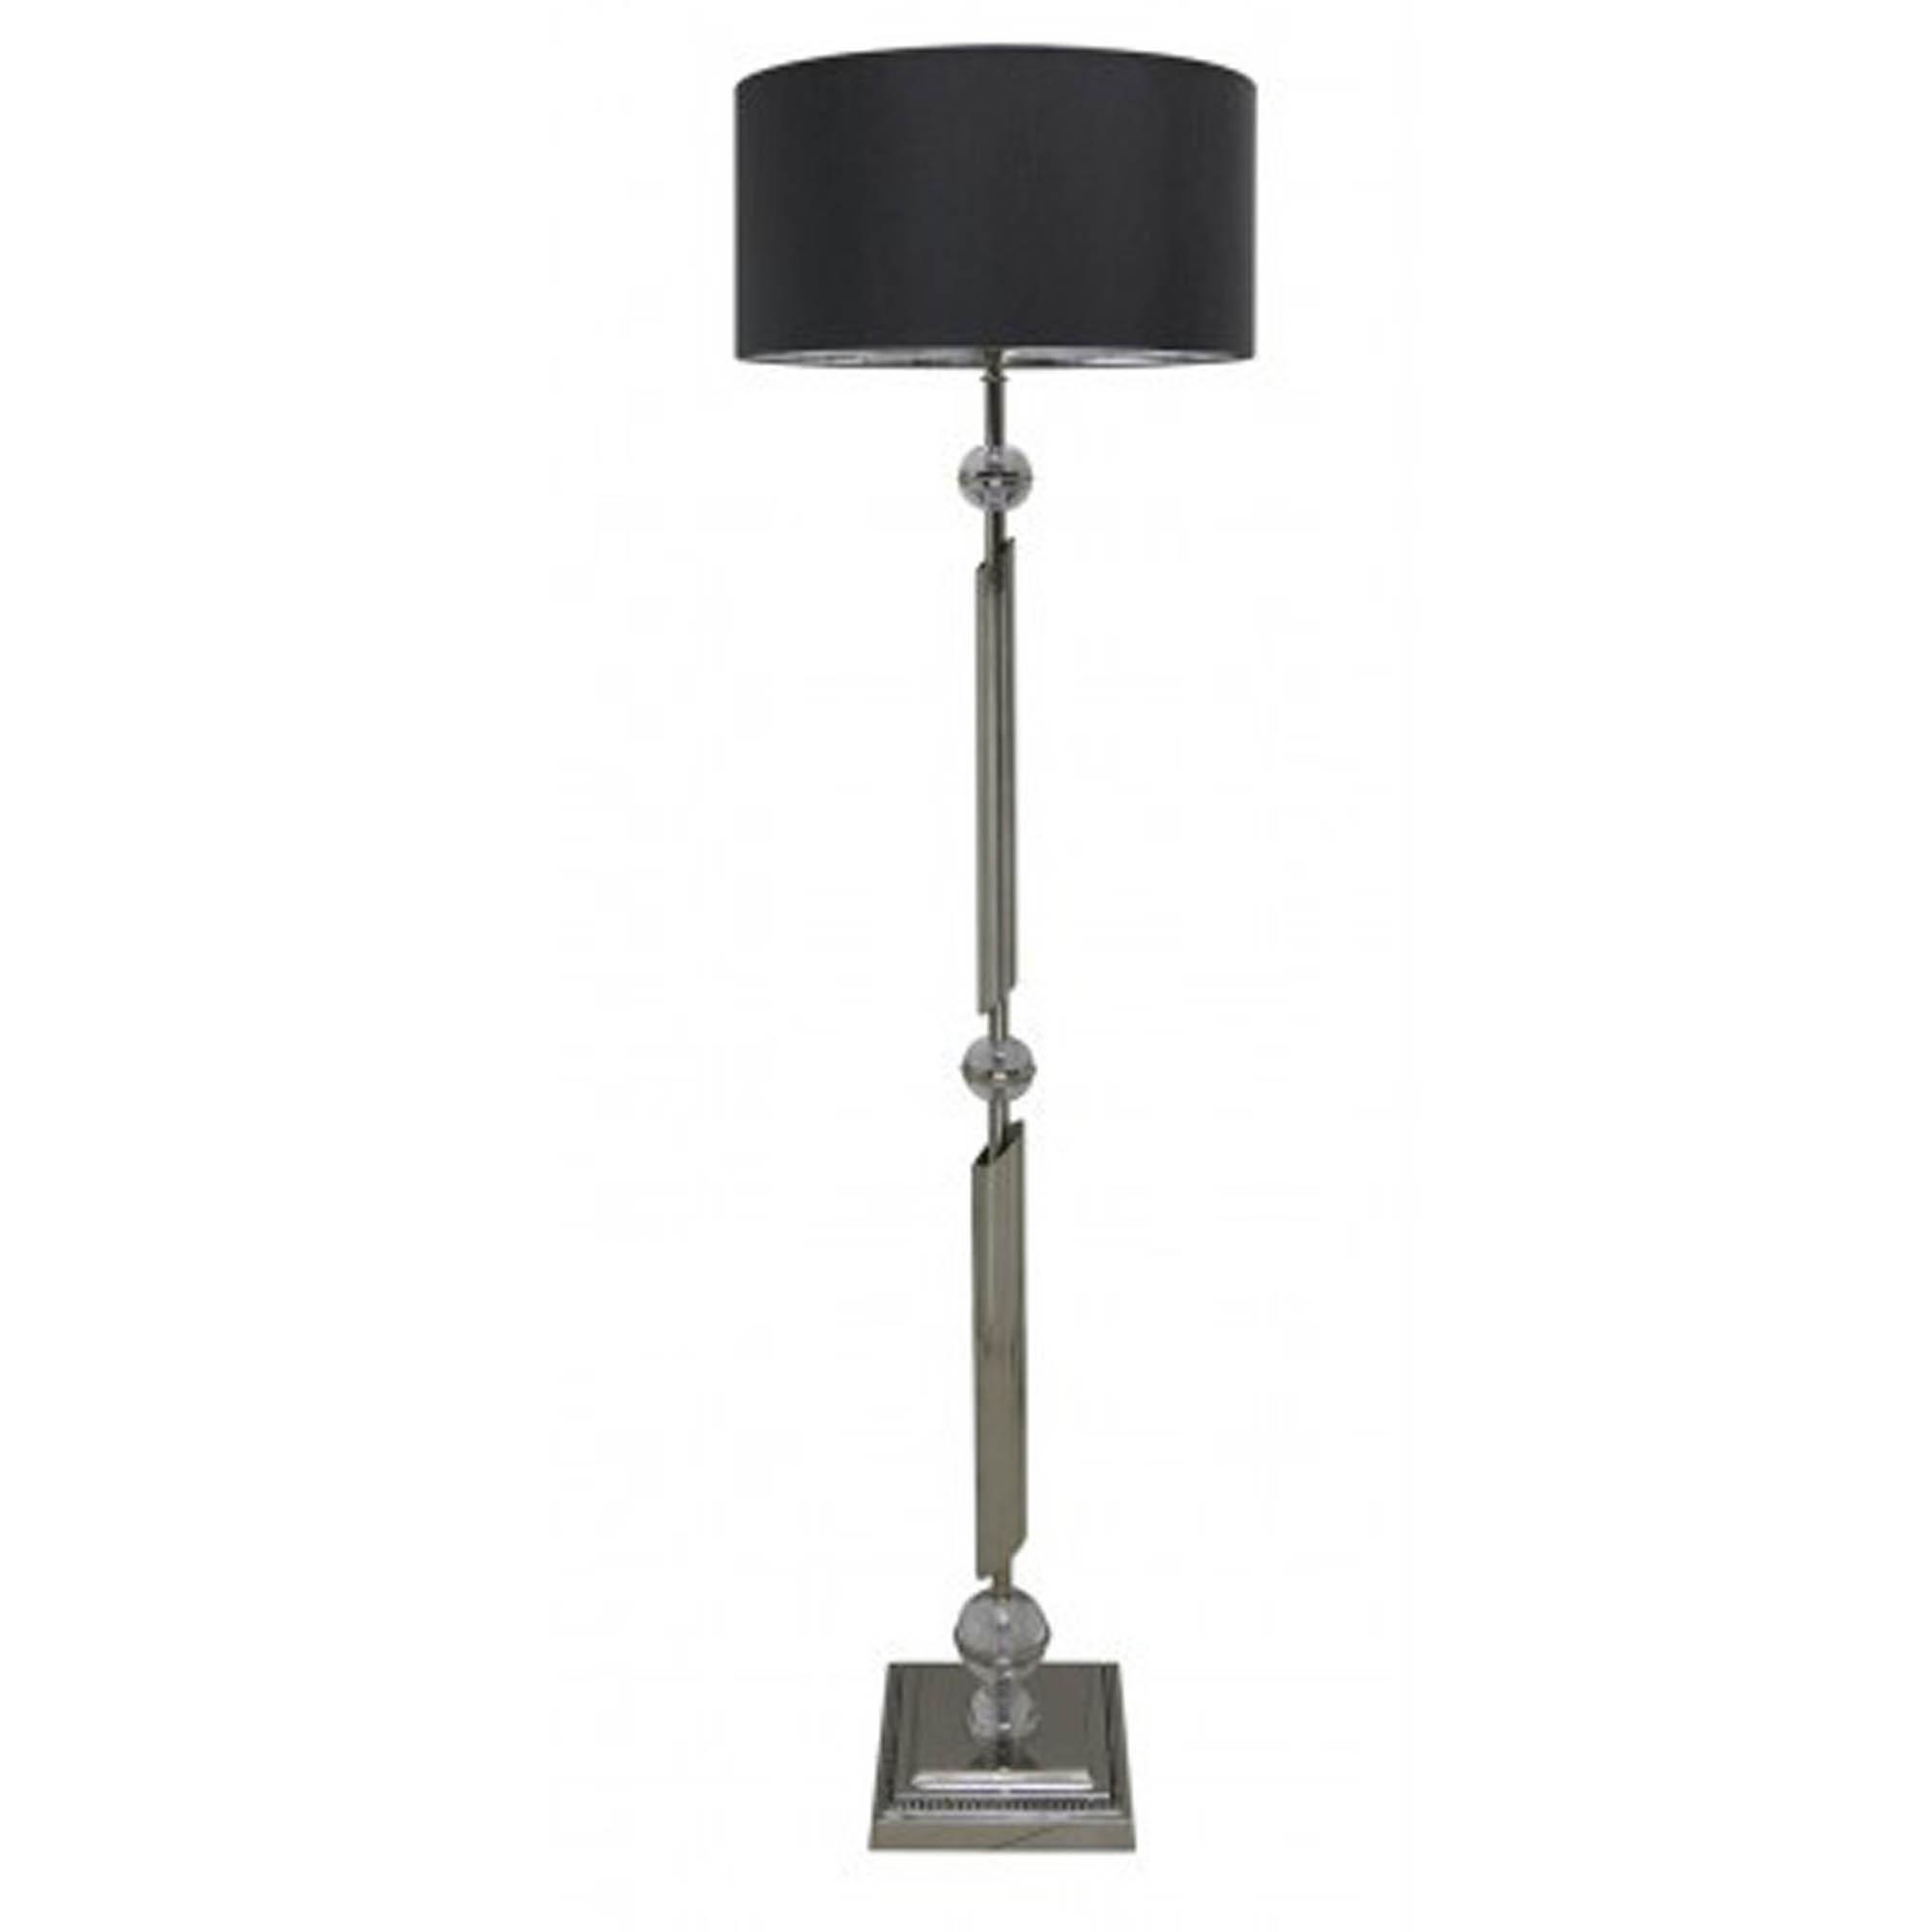 Spiral Ball Chrome Floor Lamp Decor Homesdirect365